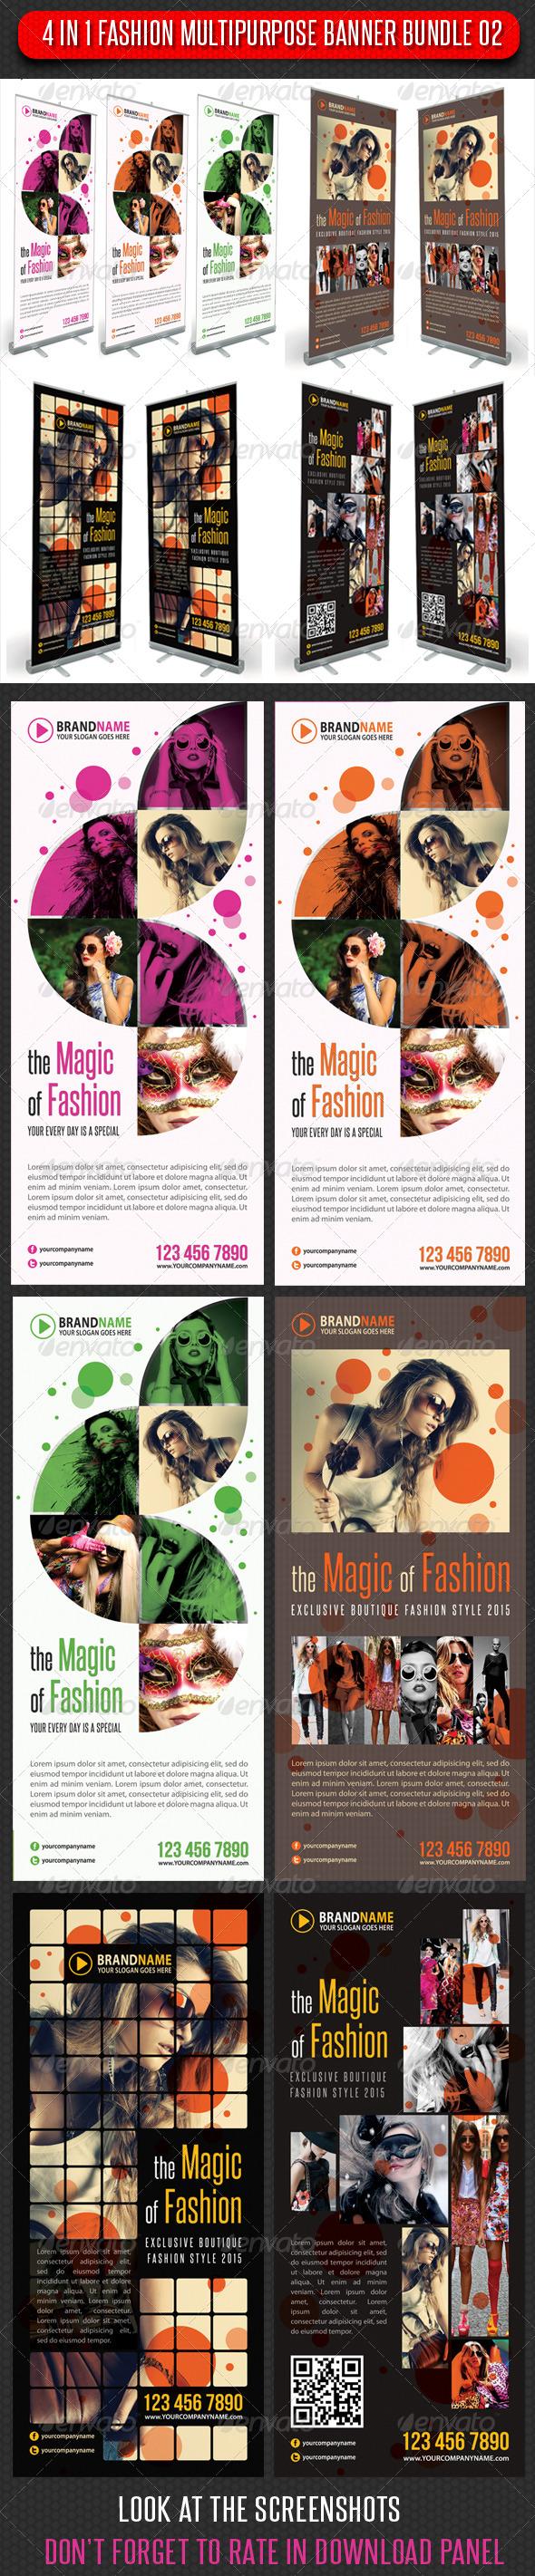 GraphicRiver 4 in 1 Fashion Multipurpose Banner Bundle 02 5956125